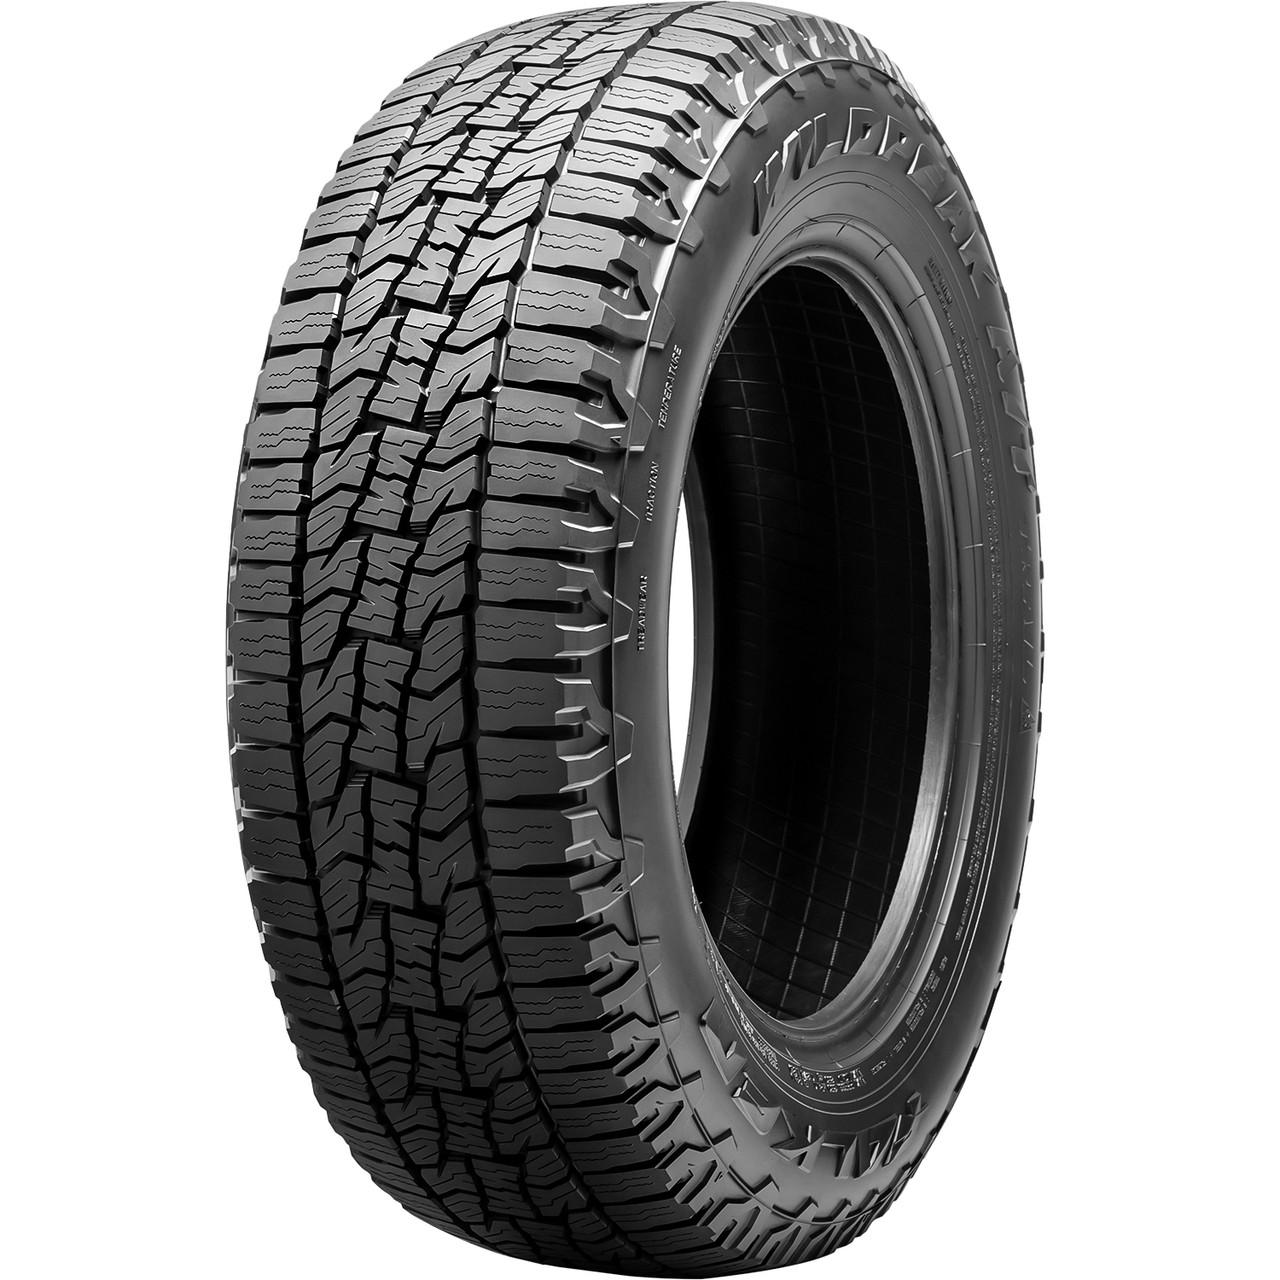 Falken Wildpeak A/T Trail 215/60R17 SL All Terrain Tire